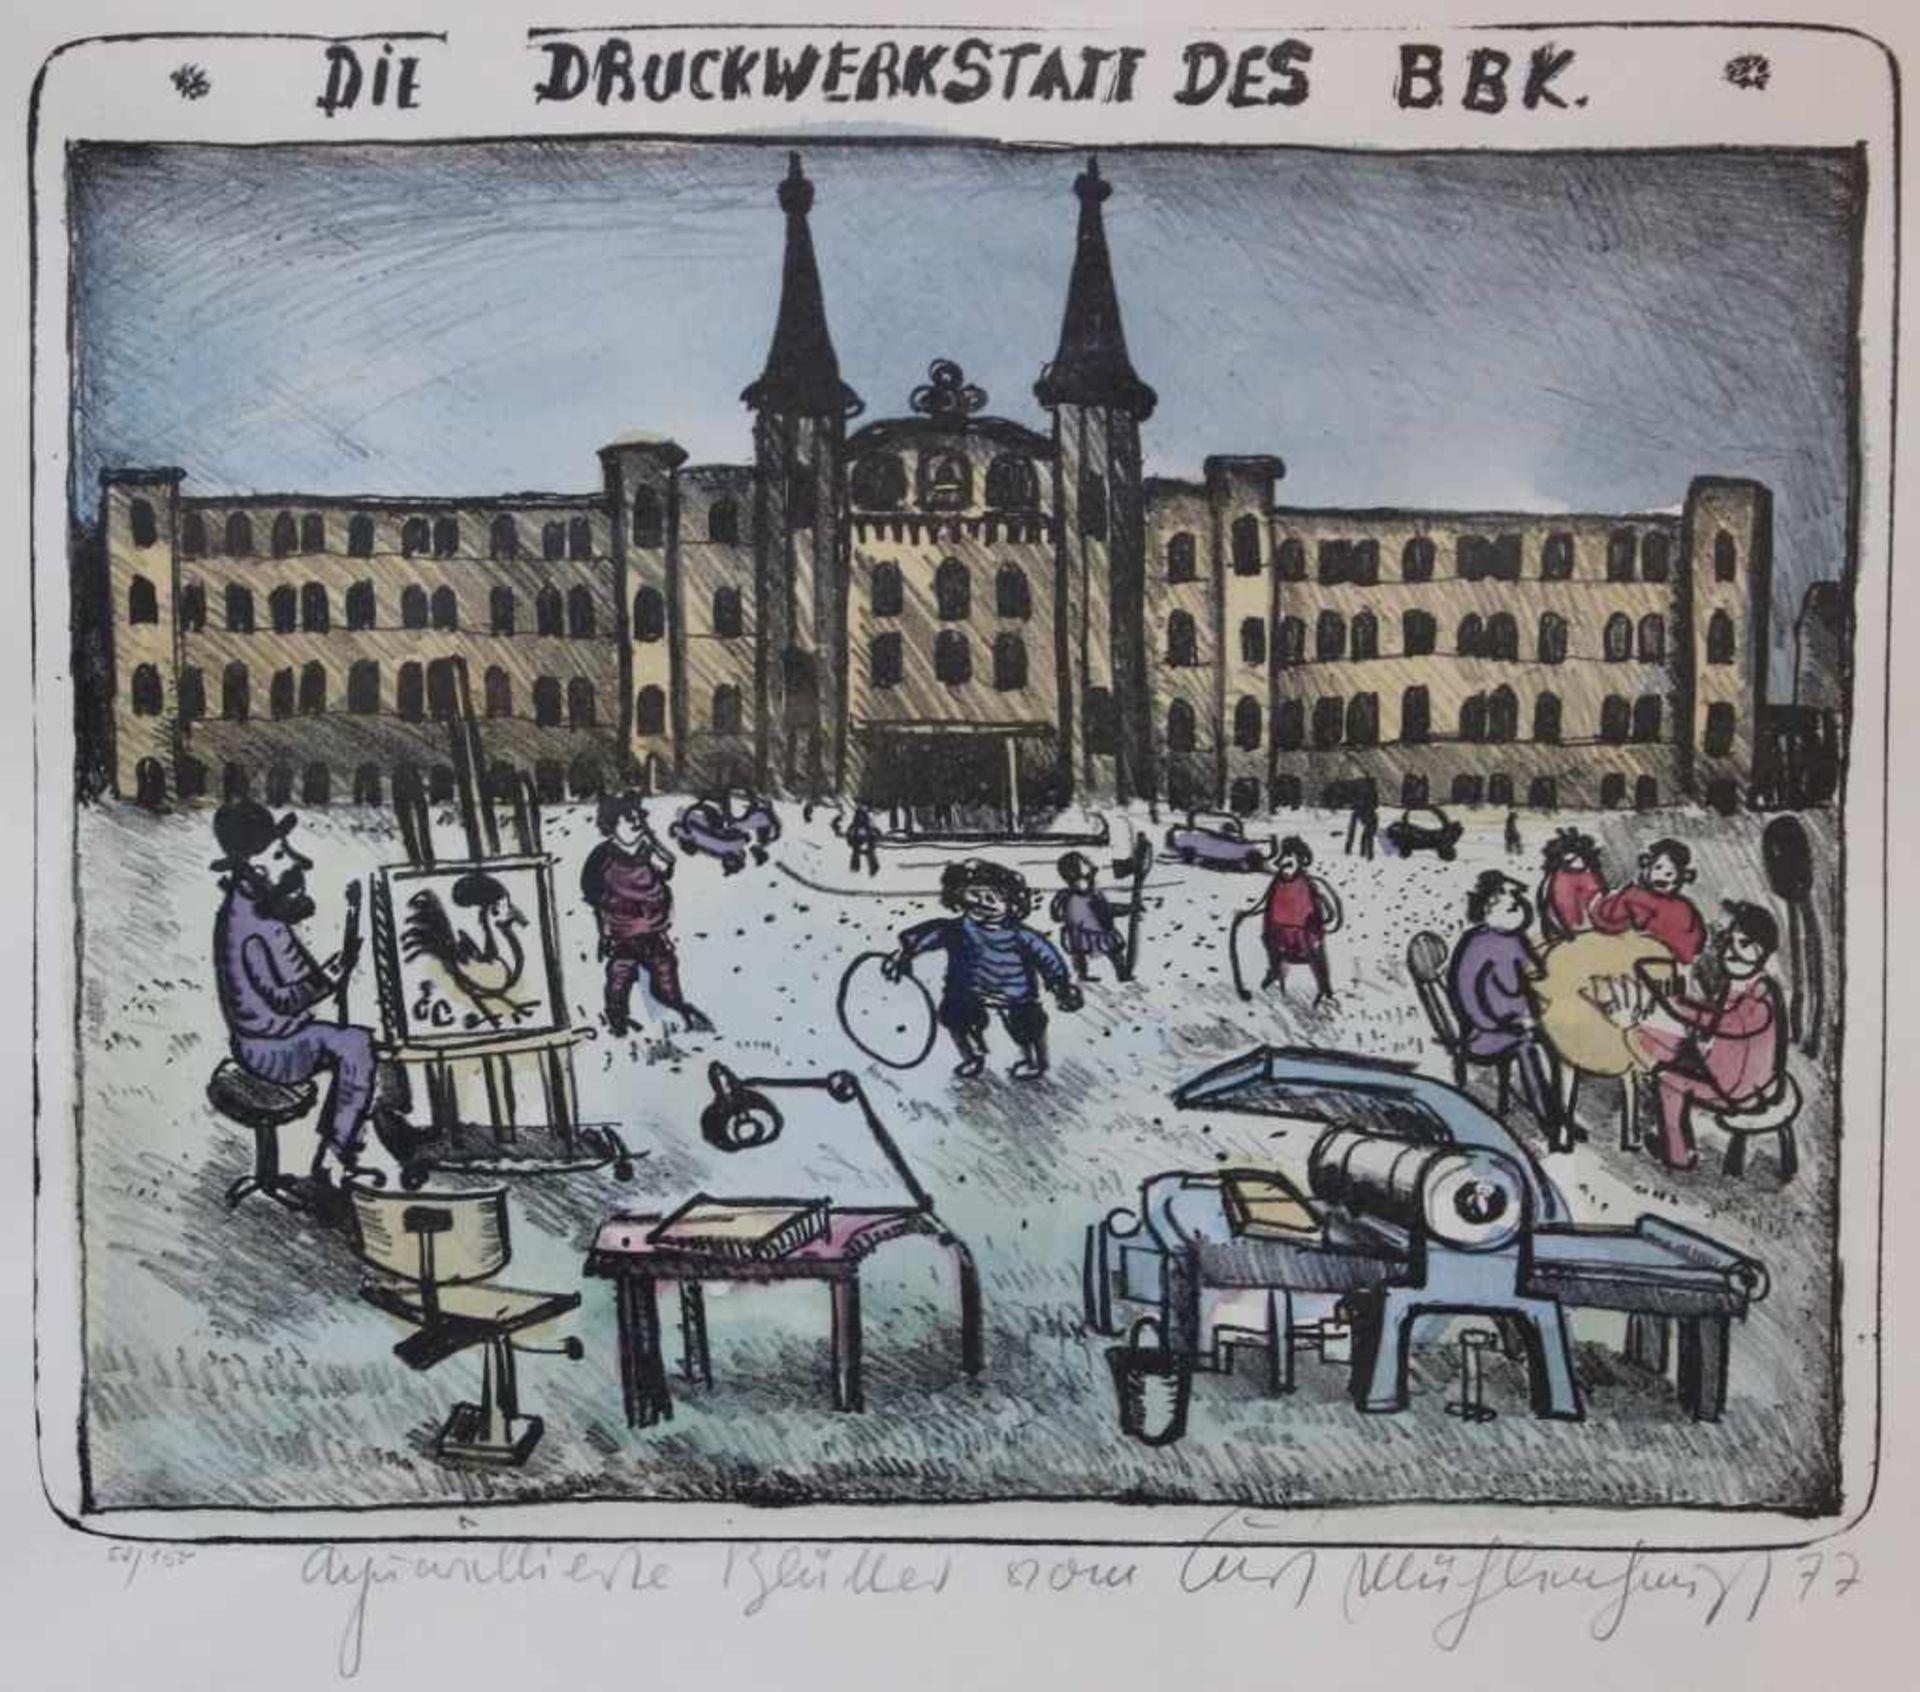 """Los 55 - Lithographie - Kurt Mühlenhaupt (1921 Klein Ziescht - 2001 Bergsdorf) """"Die Druckwerkstatt des"""